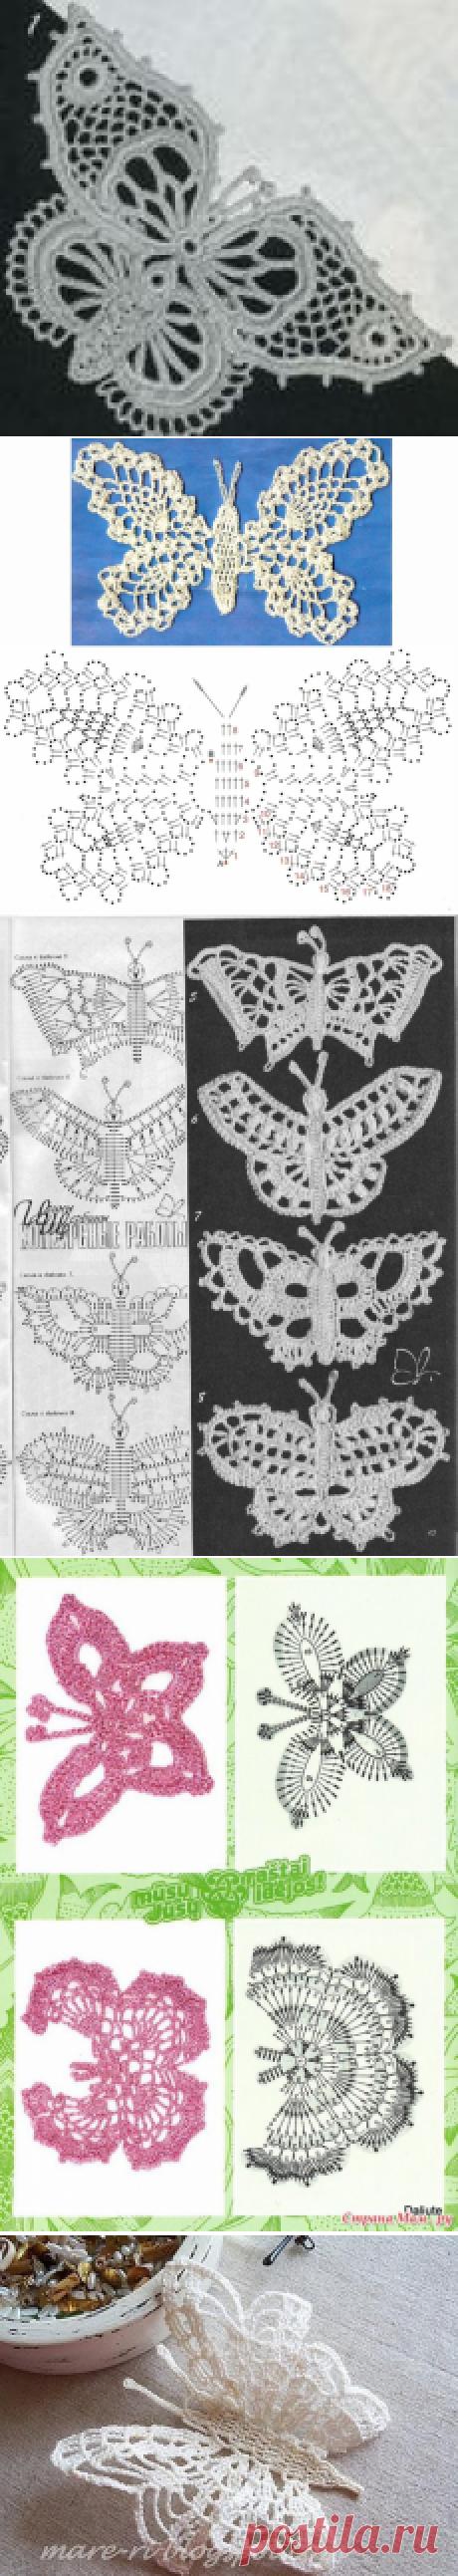 Вязание крючком - Бабочки крючком - Подборка из 38 схем